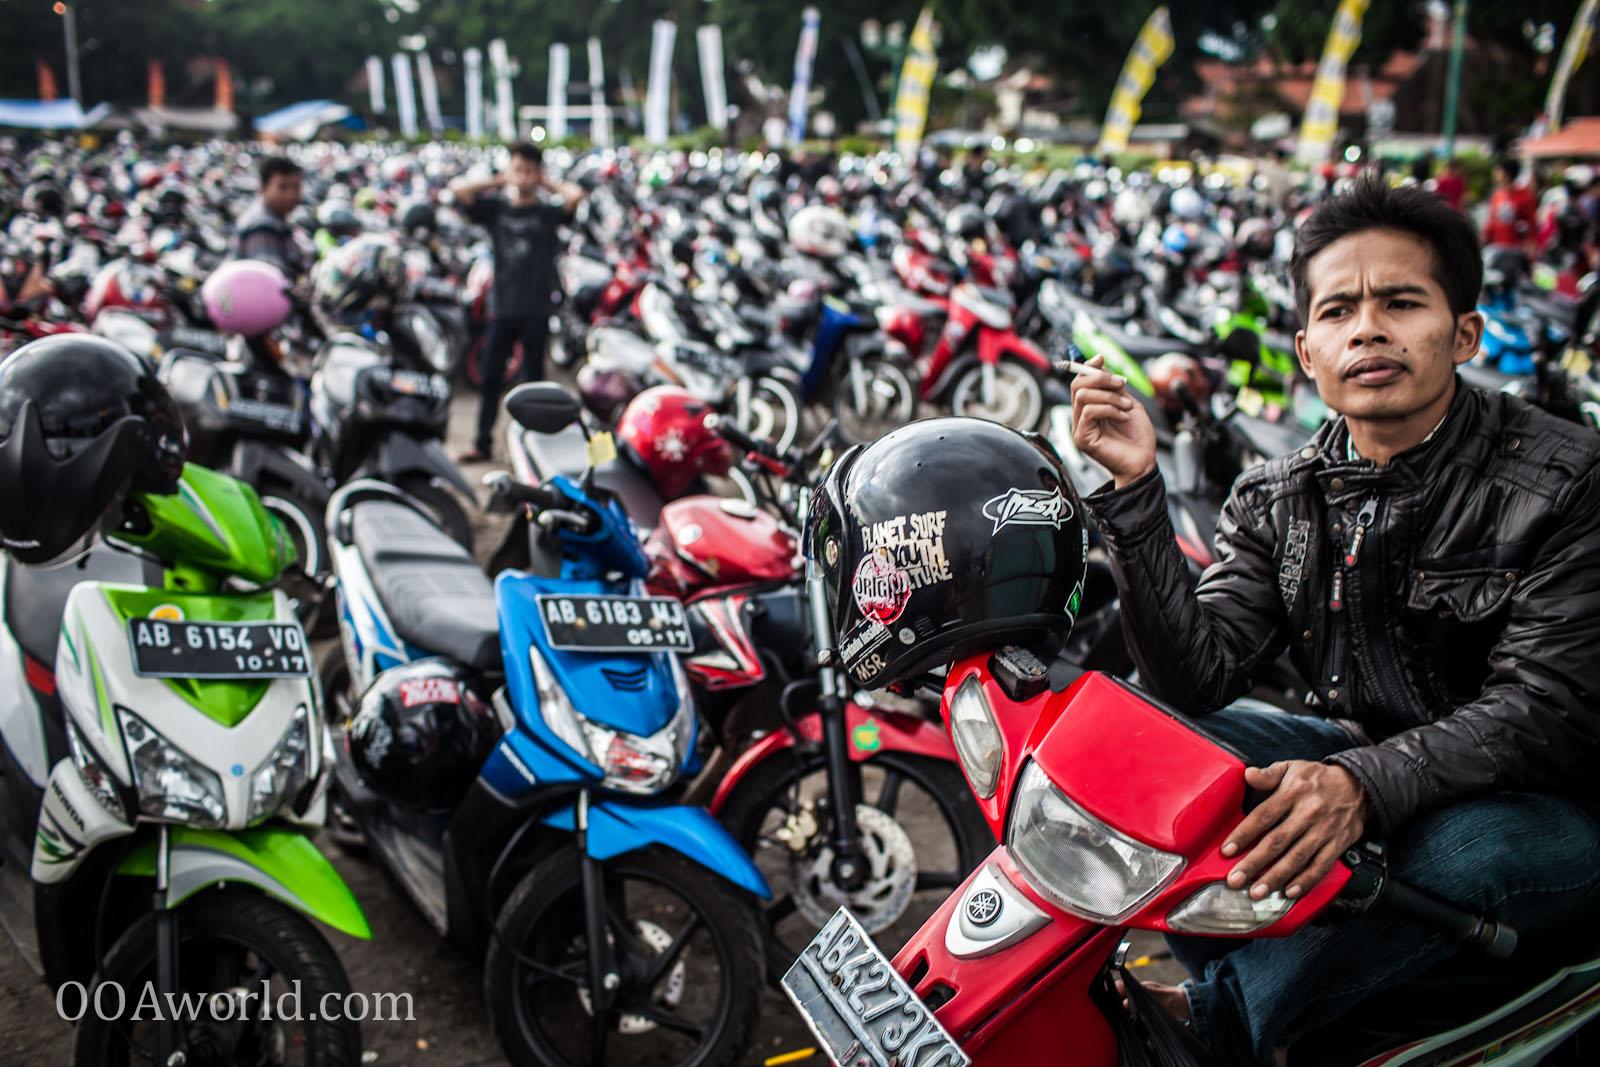 Photo Malioboro Jogjakarta Indonesia Motorcycles Ooaworld